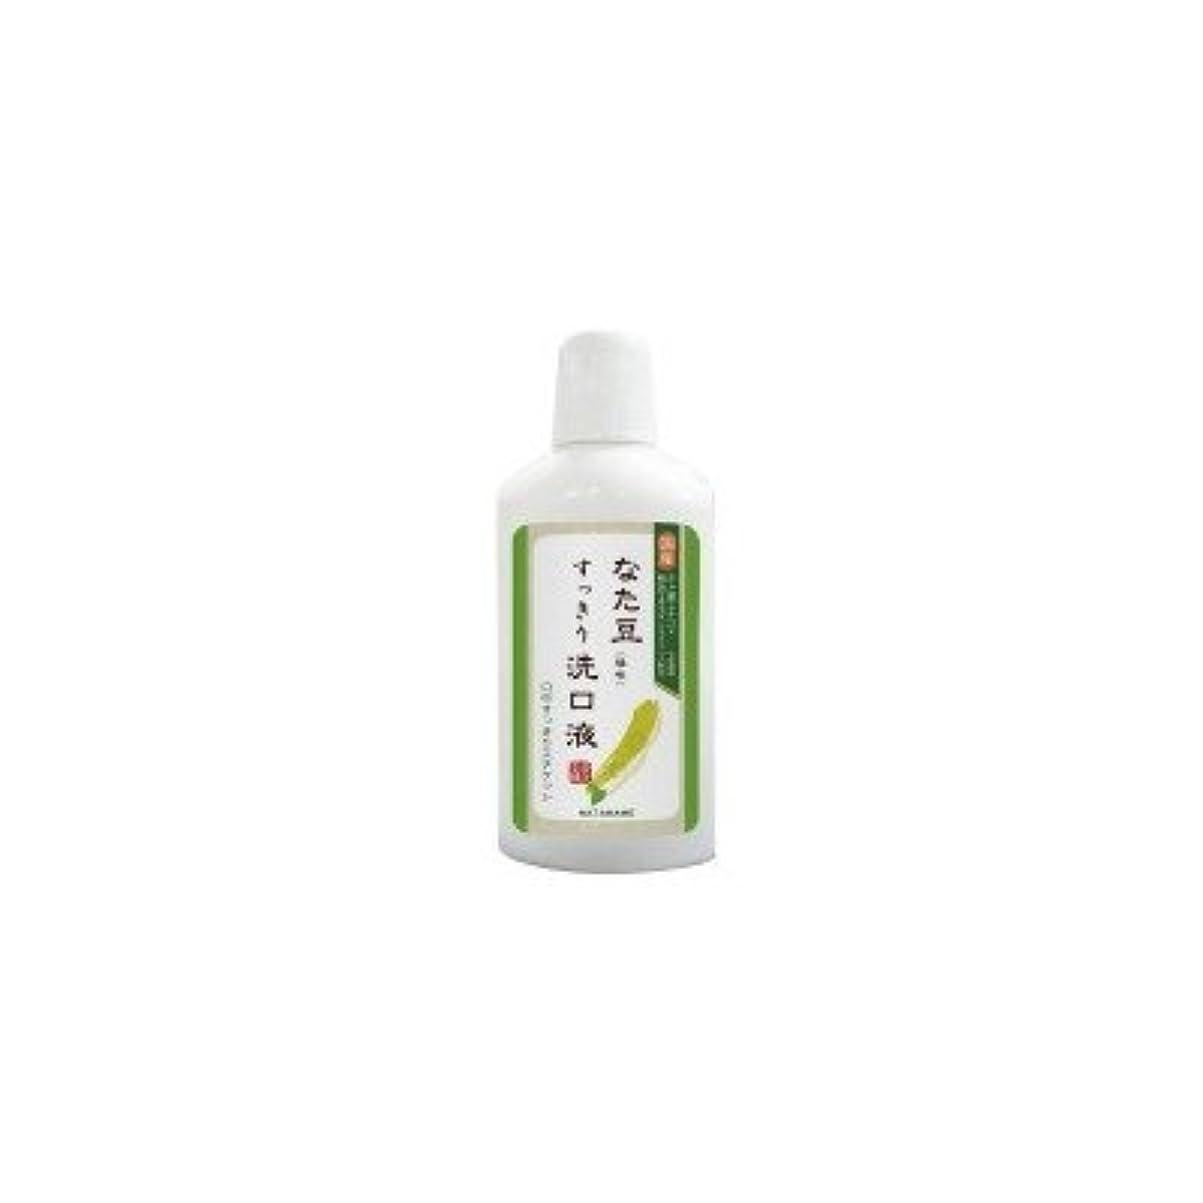 神経衰弱イブ重要性なた豆すっきり洗口液 500ml